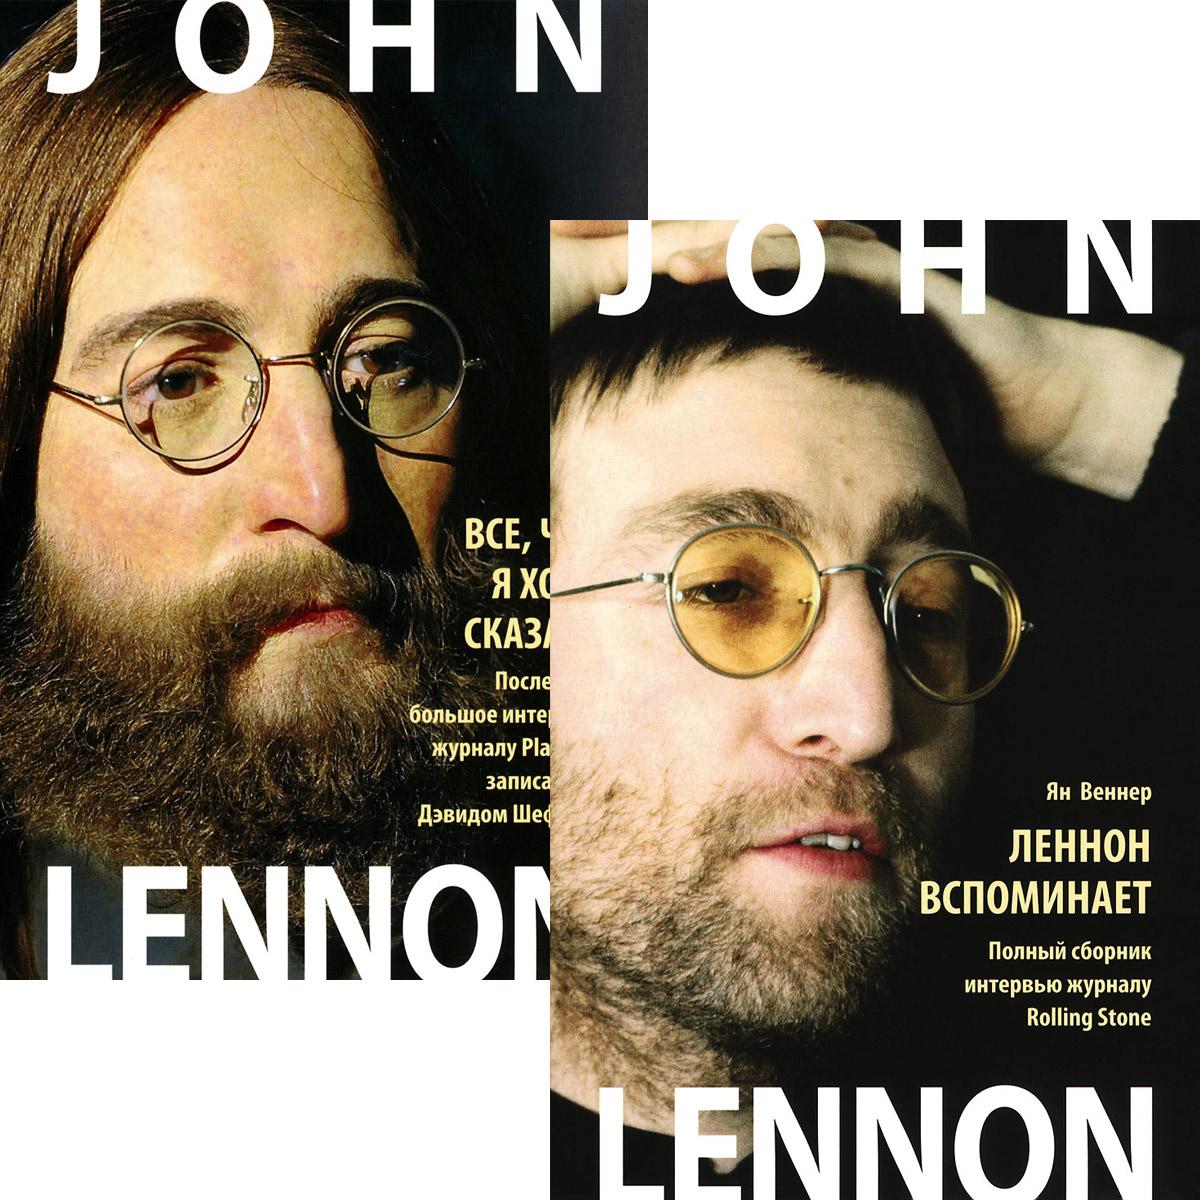 Ян Веннер, Дэвид Шефф Джон Леннон. Леннон вспоминает. Джон Леннон. Все, что я хочу сказать (комплект из 2 книг)